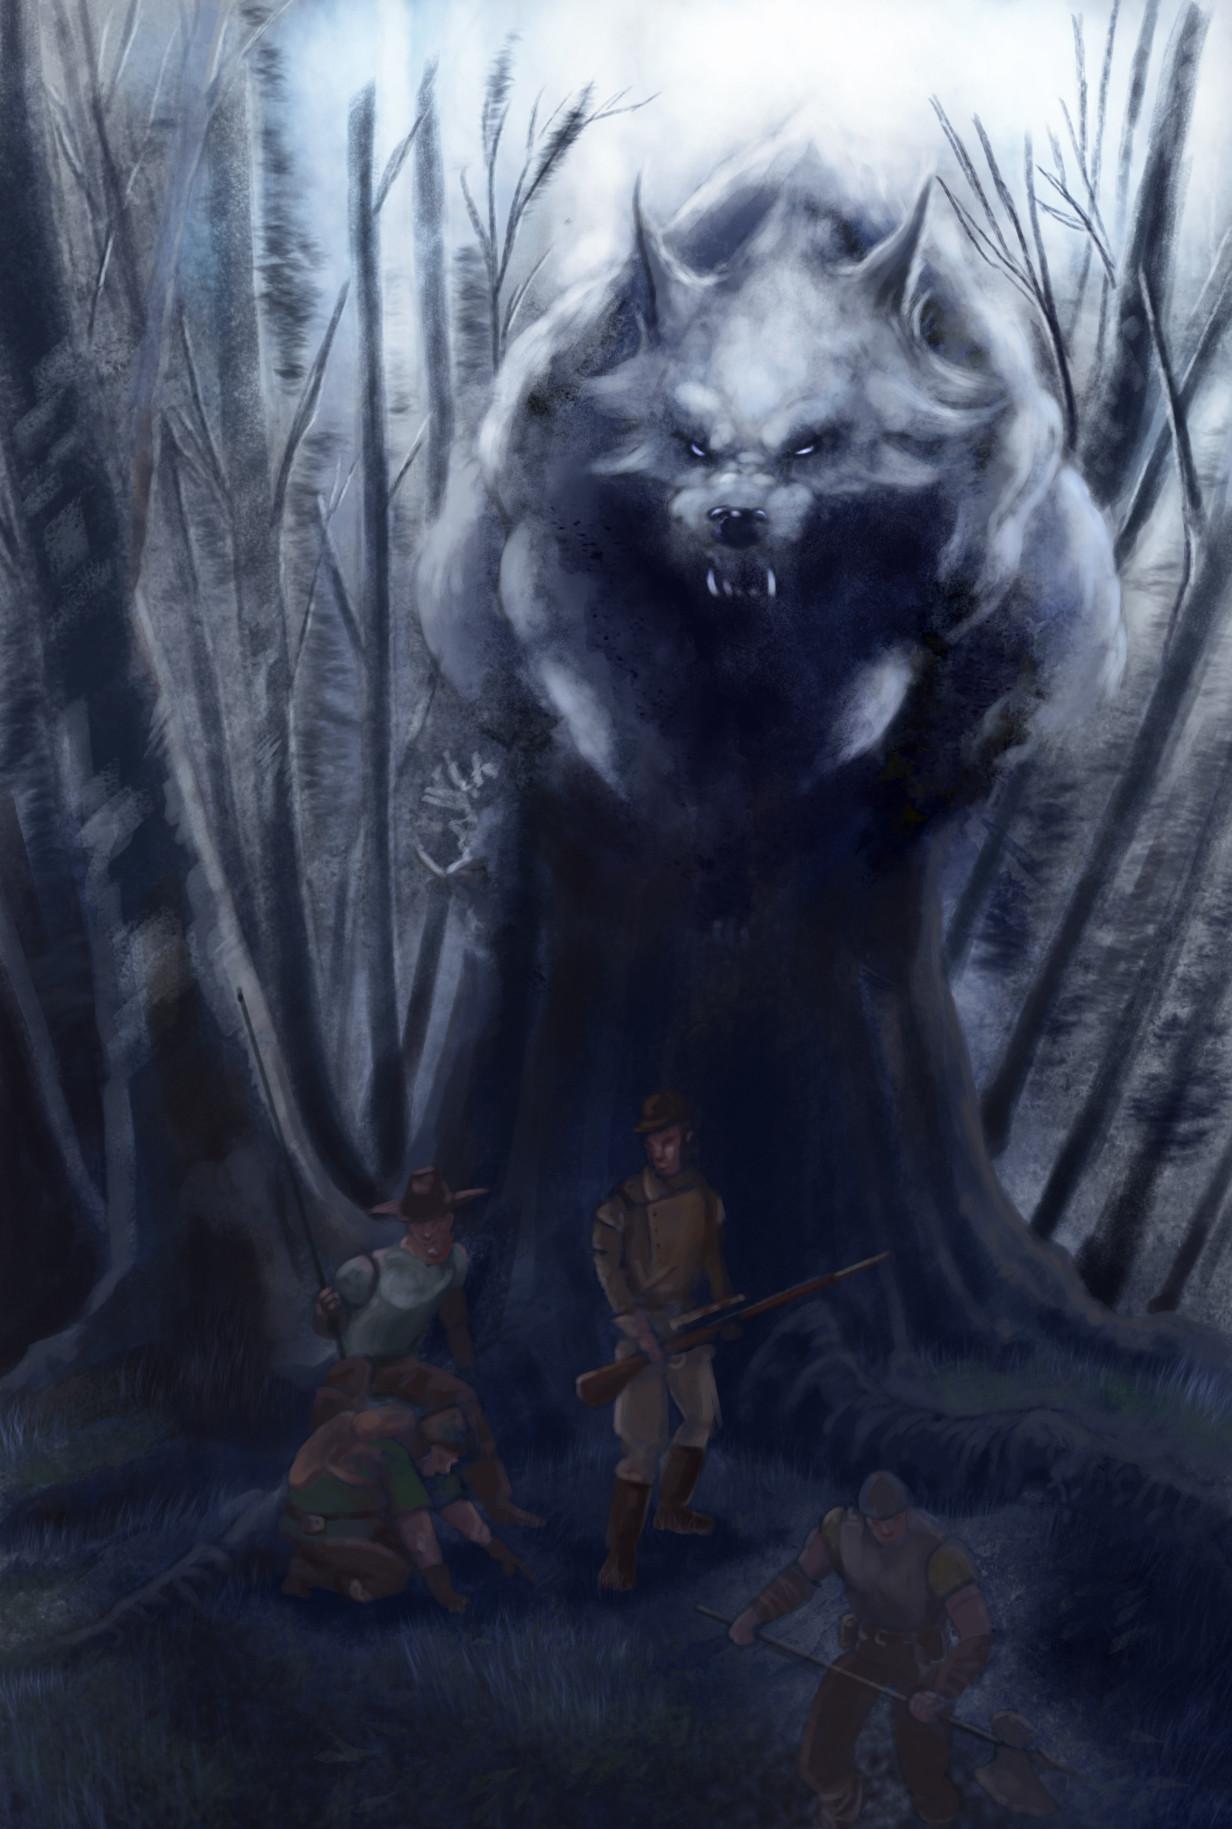 Daniel hidalgo vicente werewolf ambush